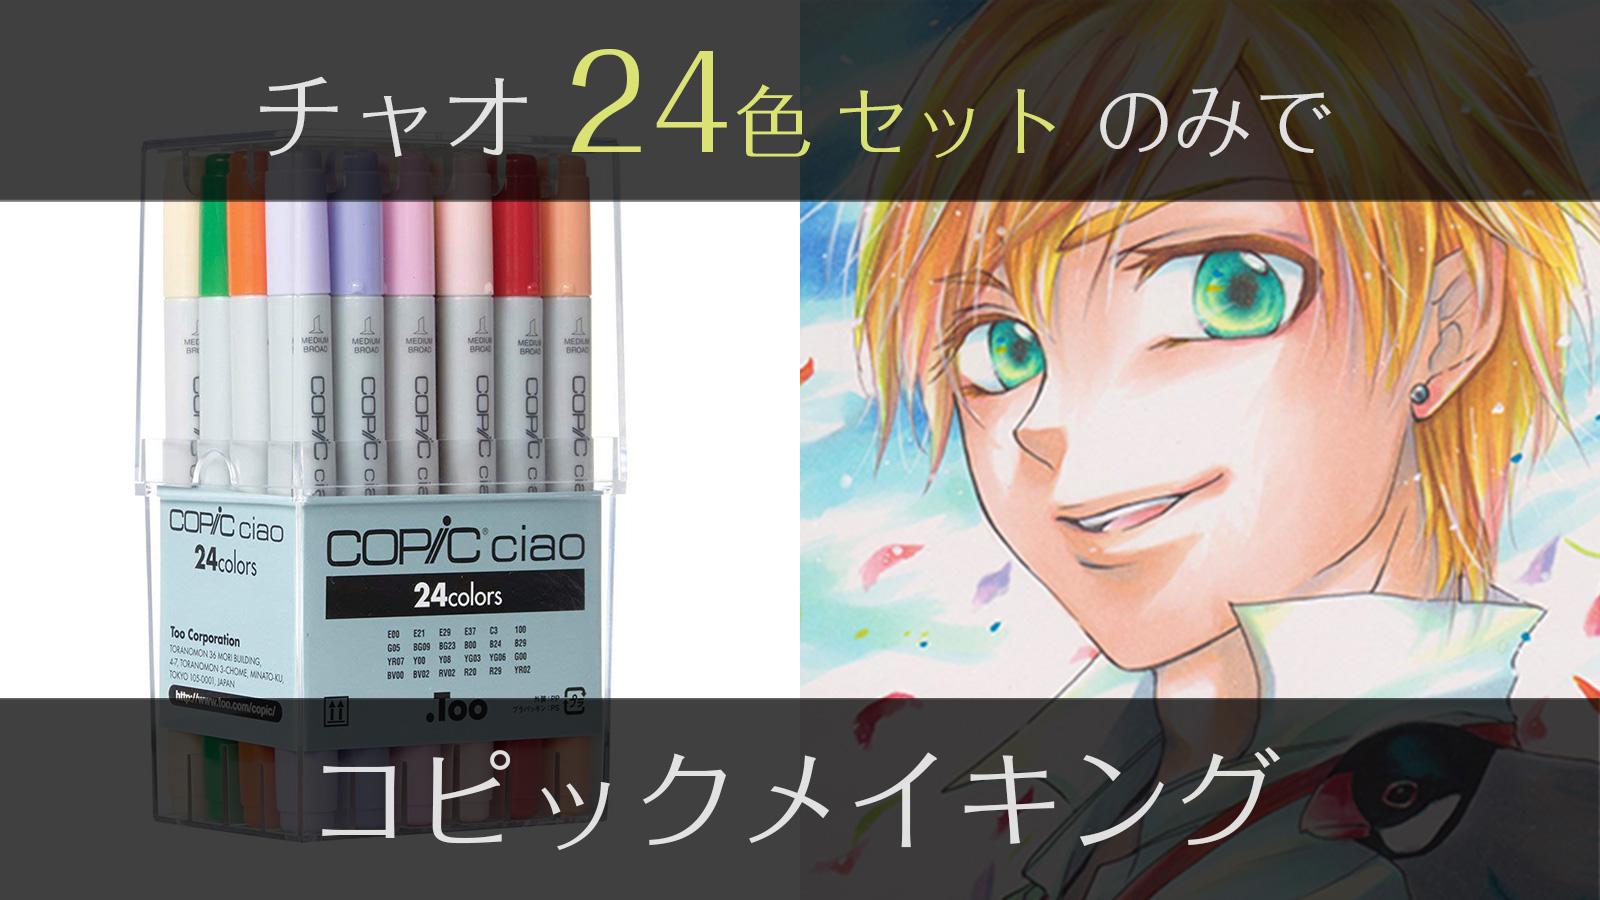 【コピック初心者向け動画】チャオ24色セットのみで男の子キャラの塗り方解説